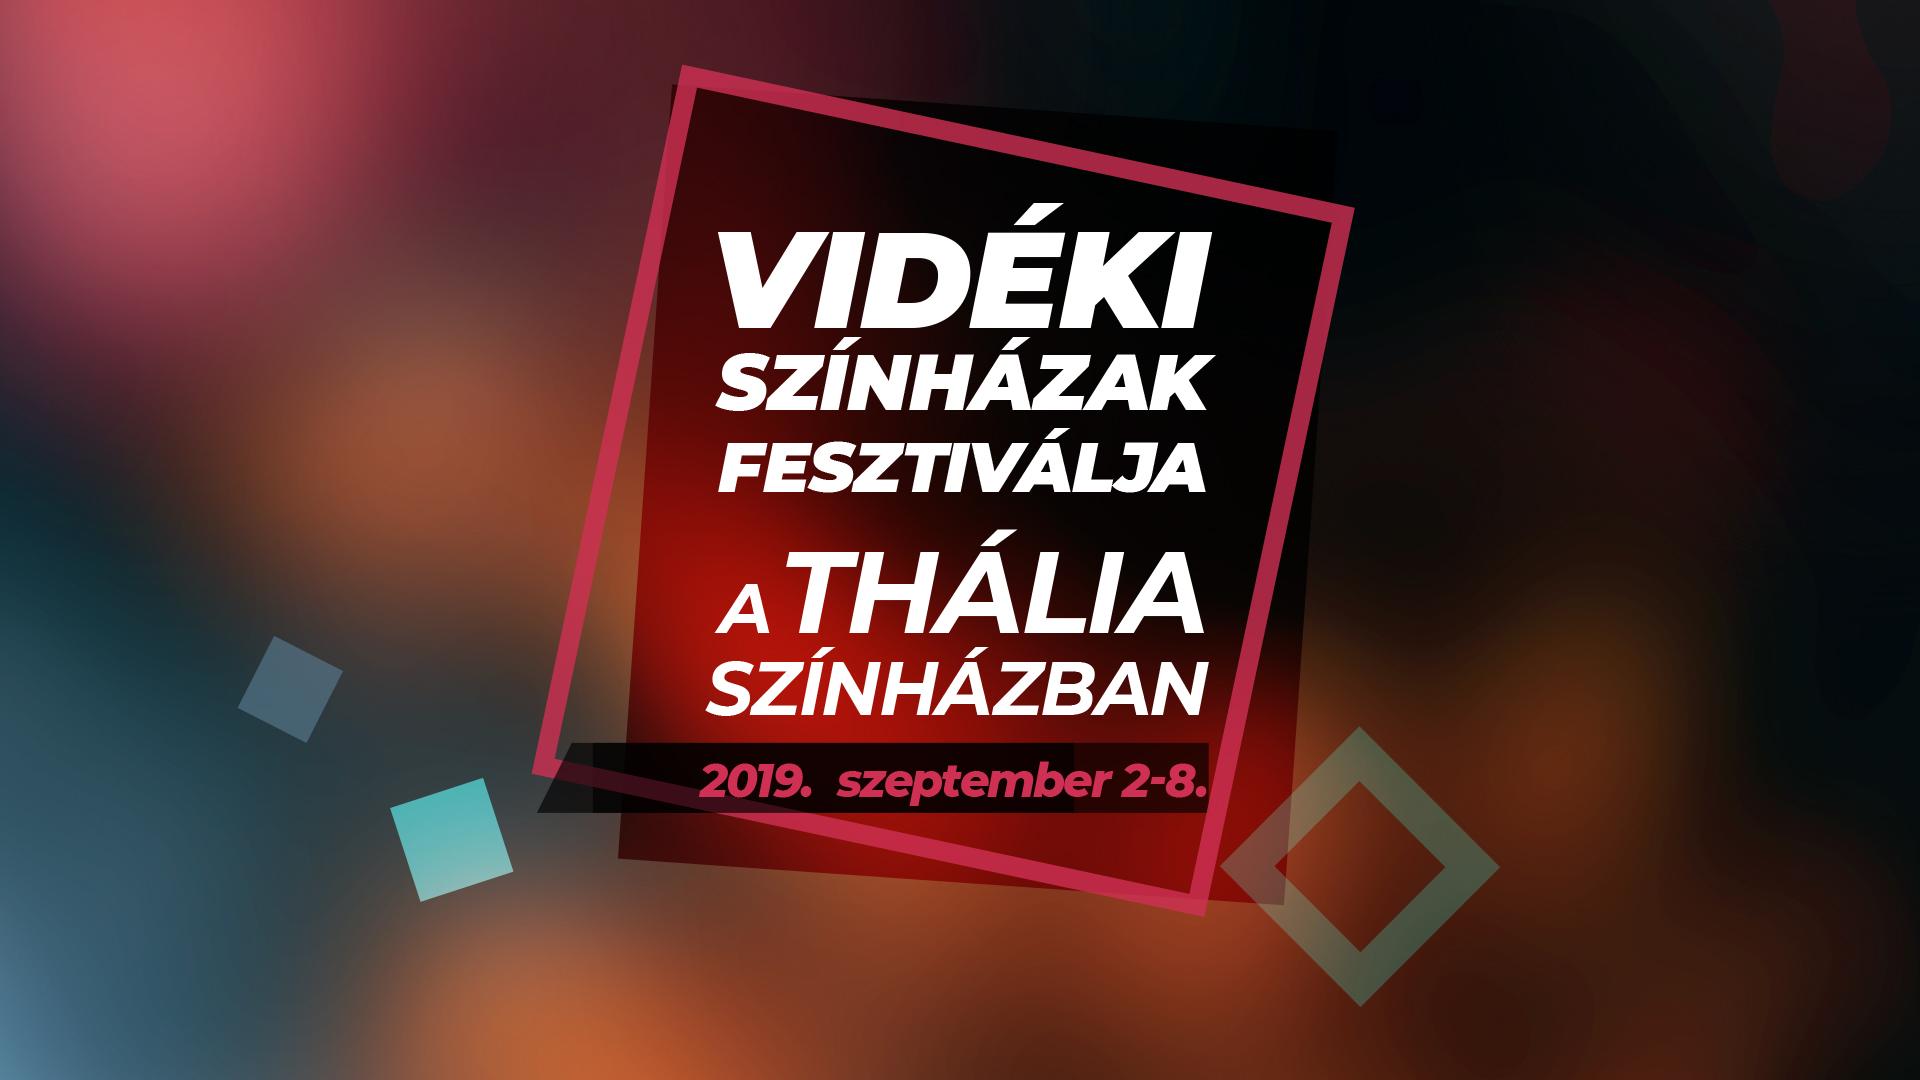 Vidéki Színházak Fesztiválja 2019